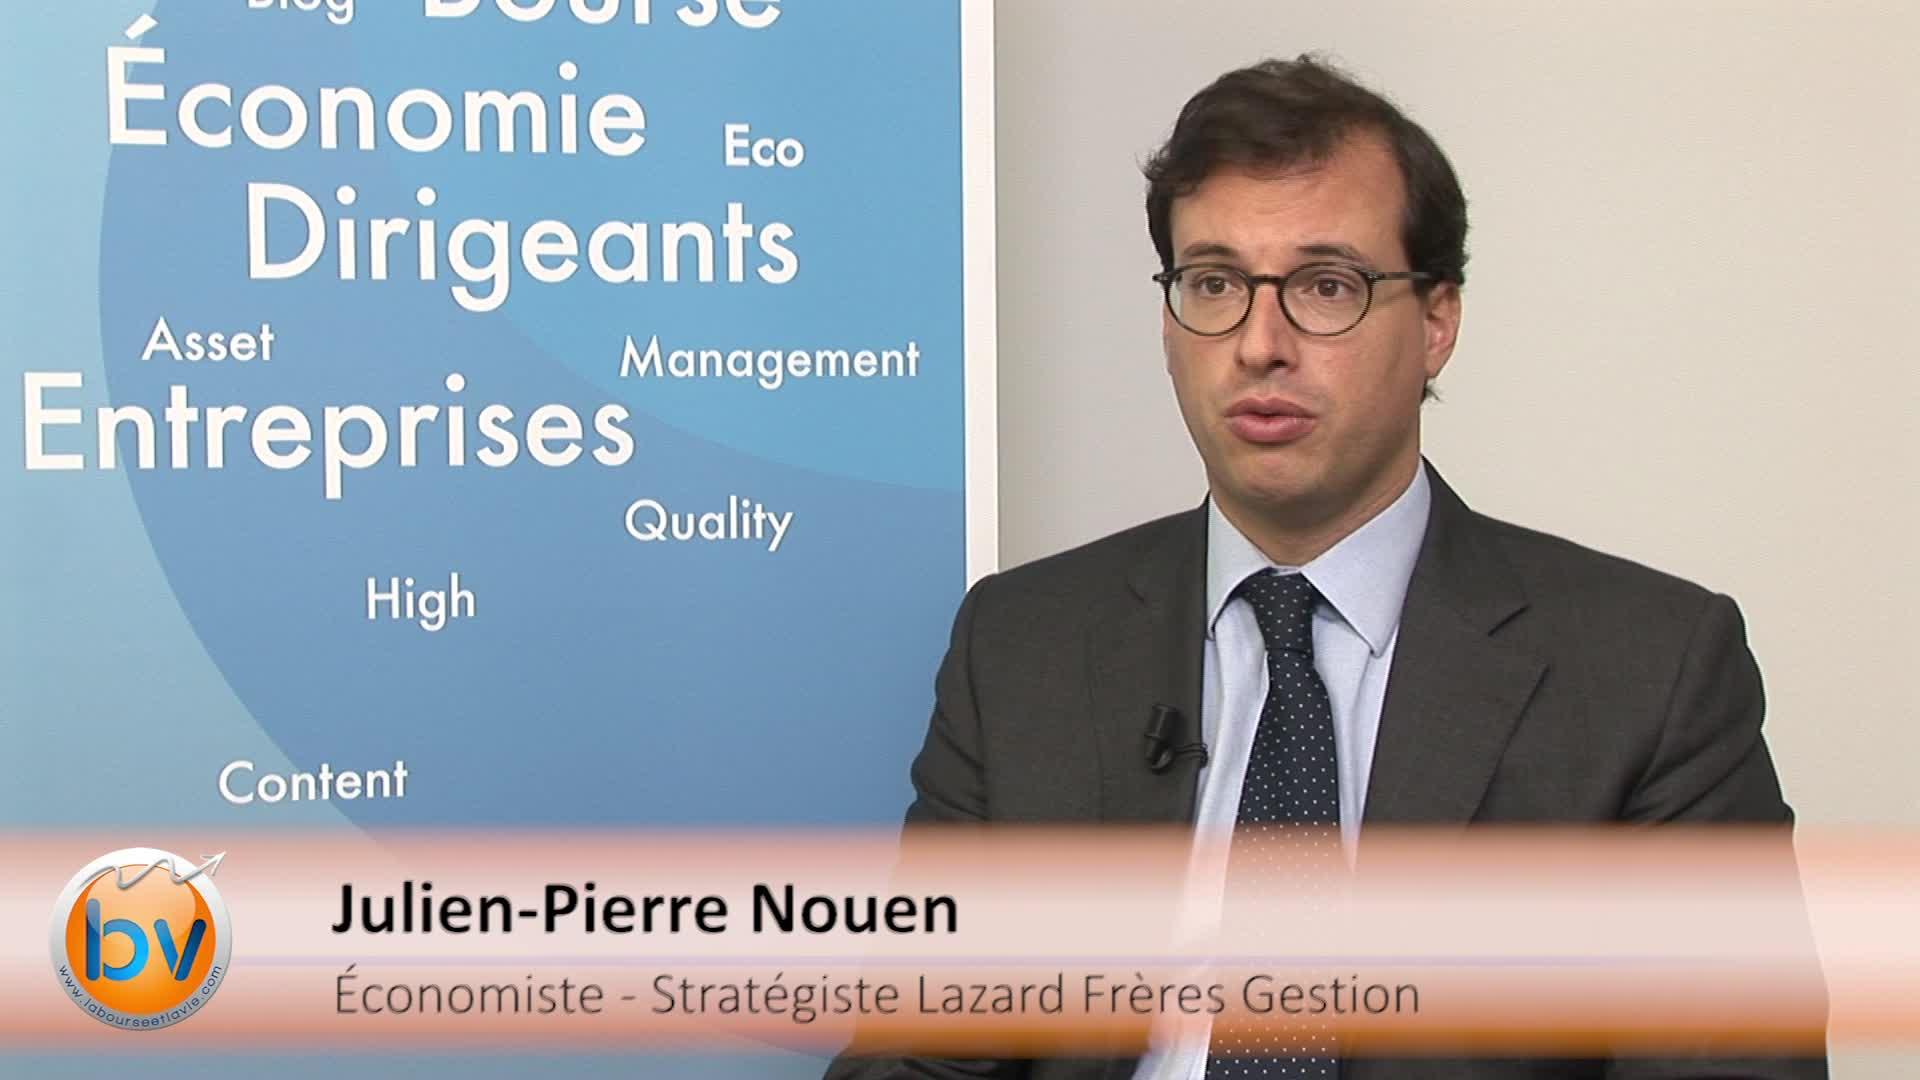 Julien-Pierre Nouen Economiste – Stratégiste Lazard Frères Gestion : «Les actions de la zone euro restent un actif de choix»